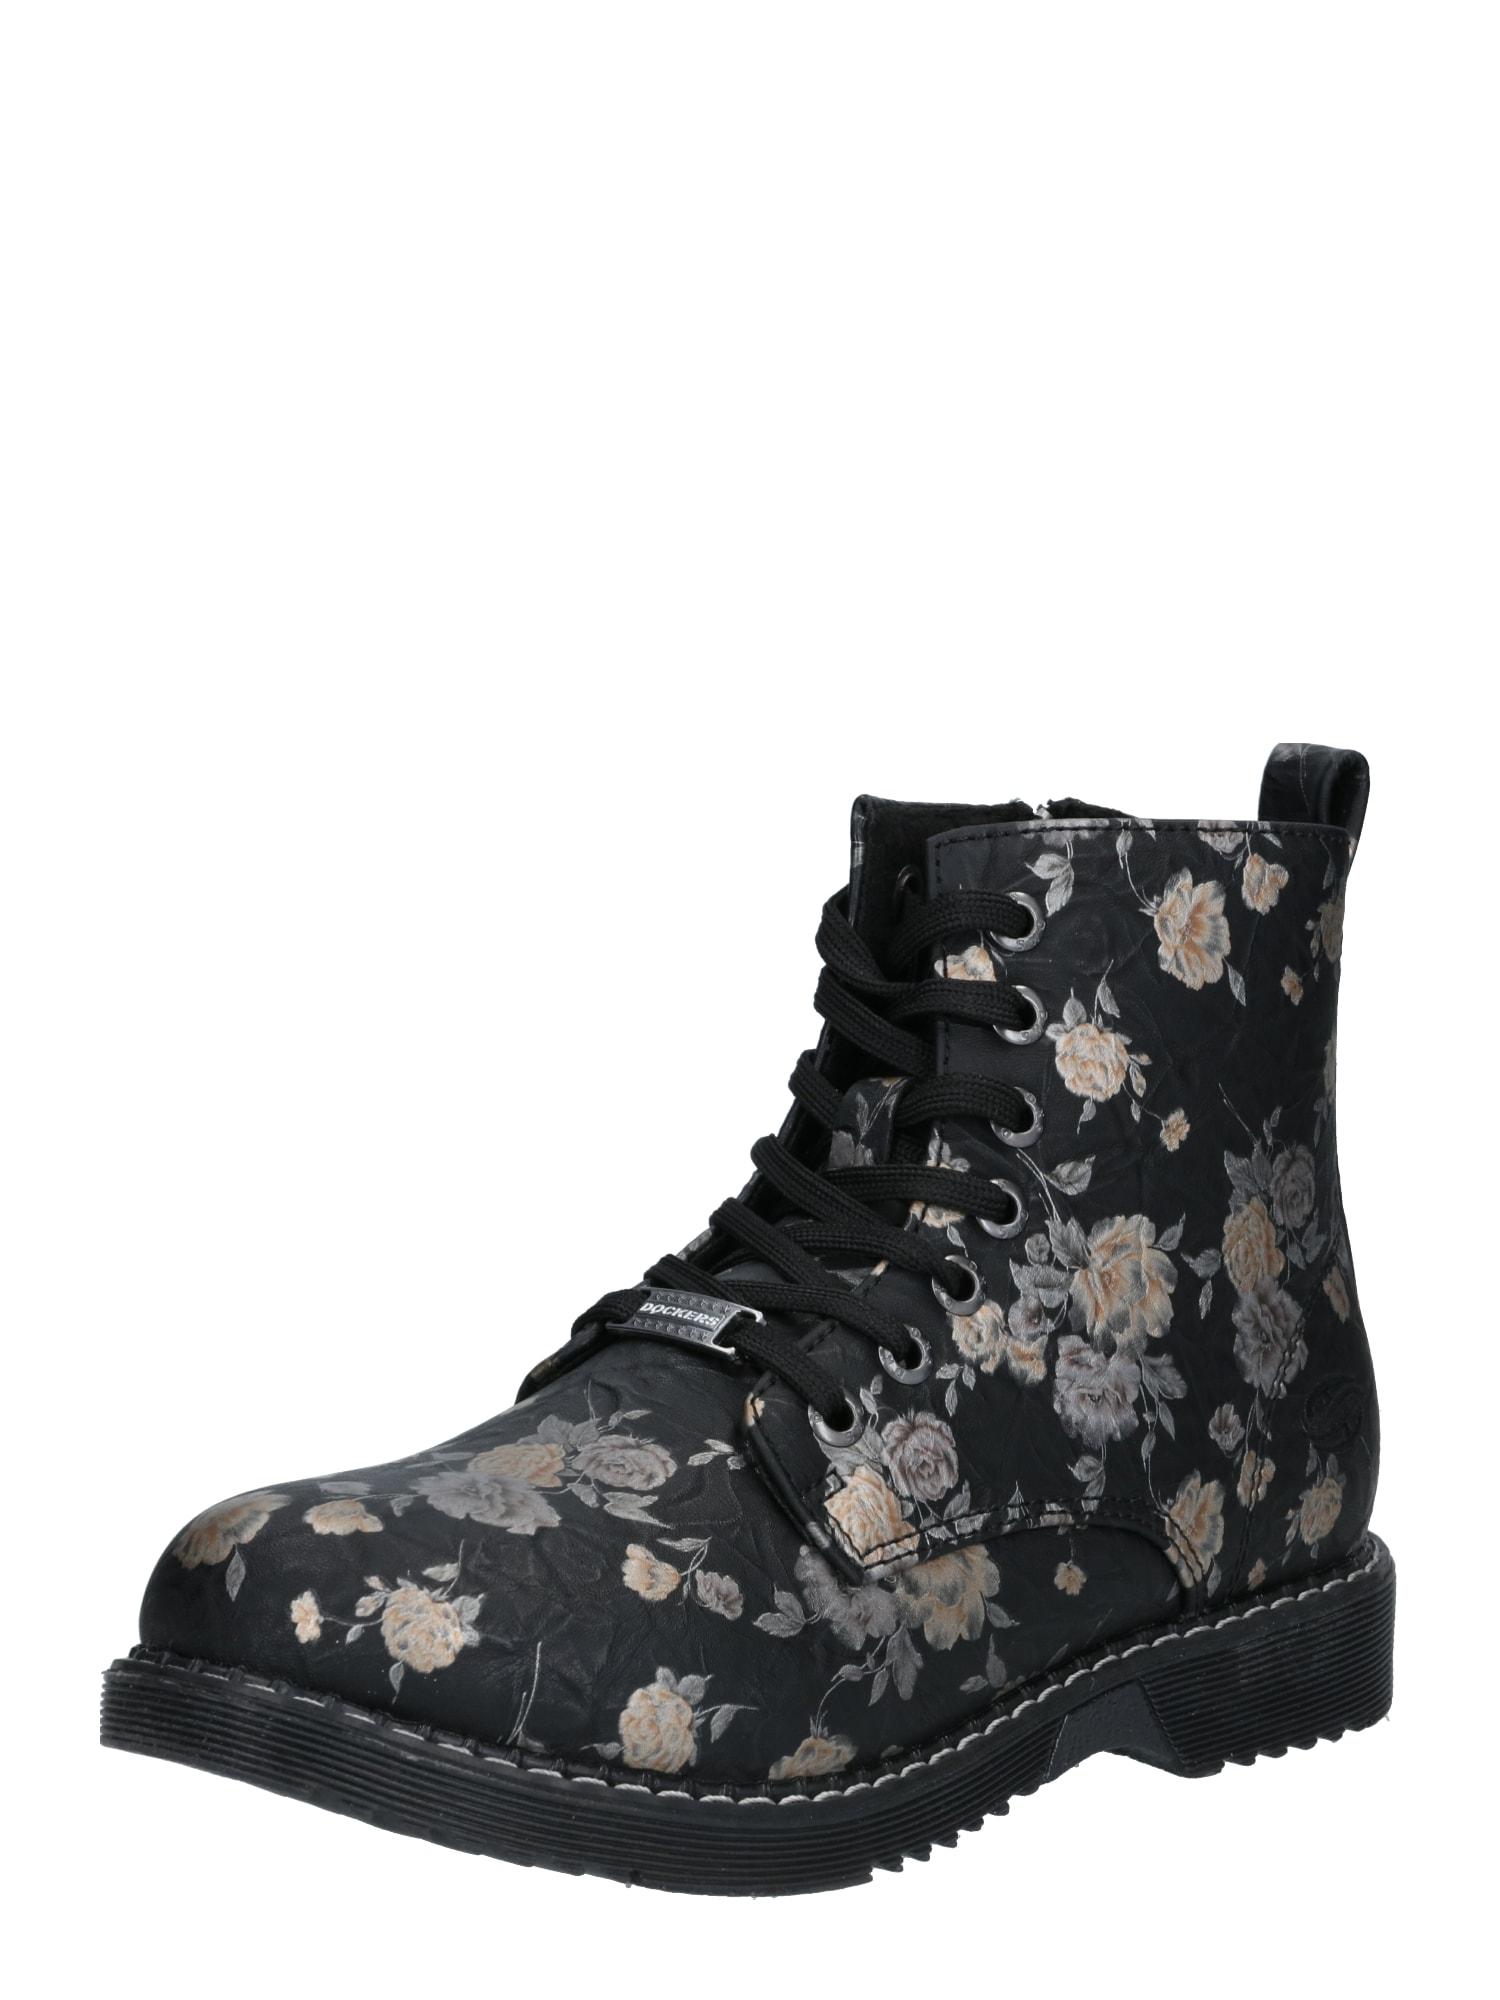 Dockers by Gerli Auliniai batai su kulniuku mišrios spalvos / juoda